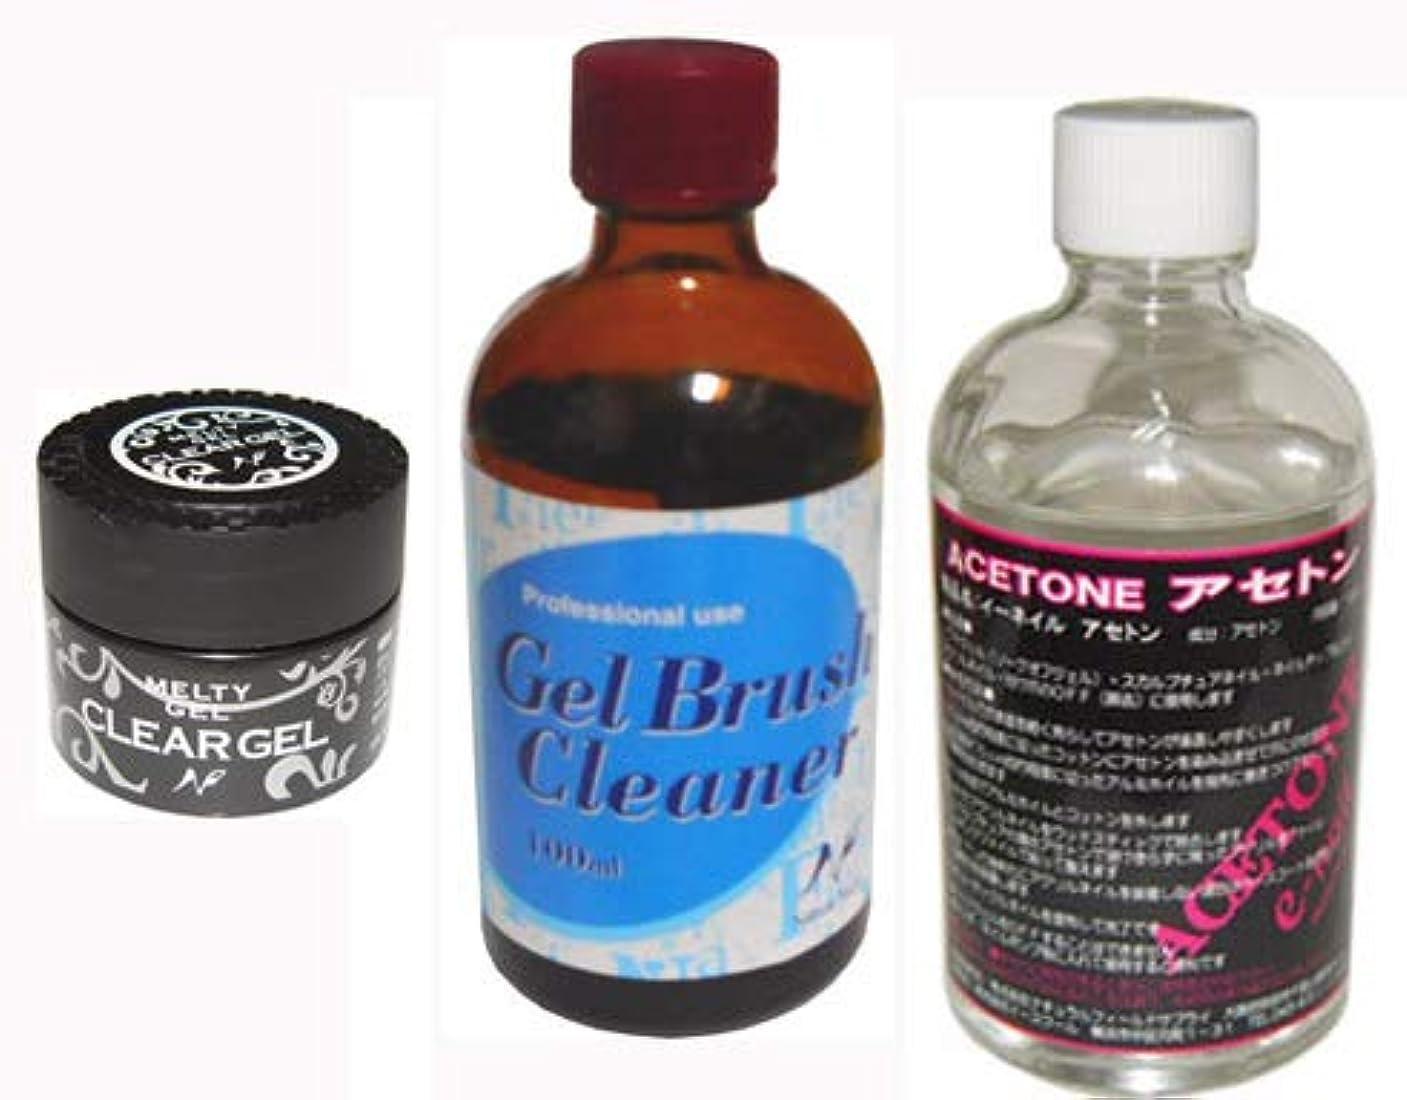 うるさい役立つ特別なMelty Gel クリアジェル 14g JNAジェルネイル検定指定製品+ジェルブラシクリーナー+アセトン ???